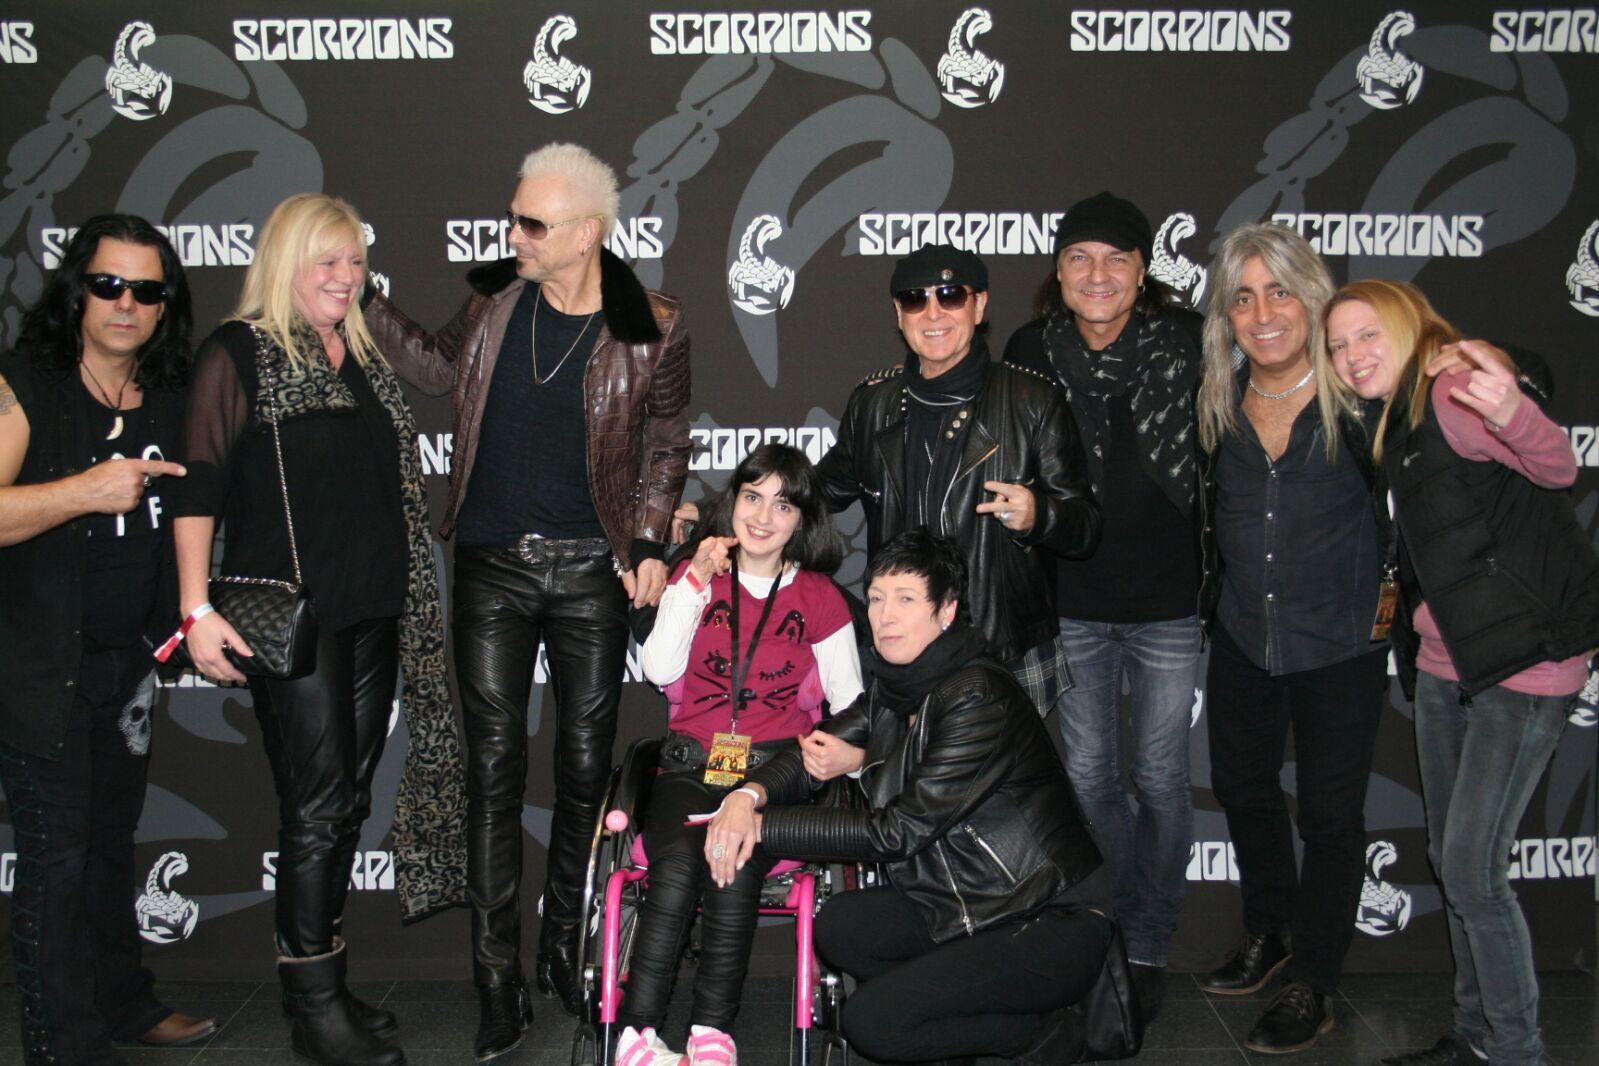 wir durften mit Filiz die Scorpions Backstage besuchen - wir sagen vielen vielen lieben Dank